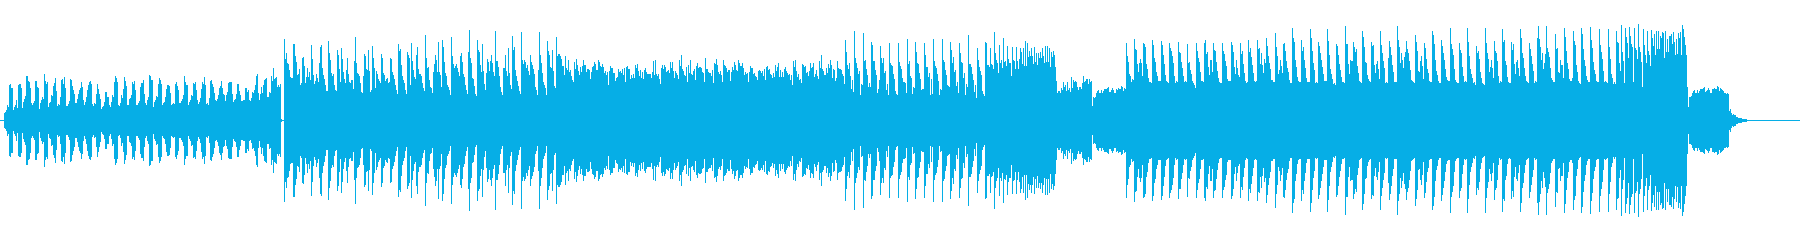 やる気が出るEDMの再生済みの波形